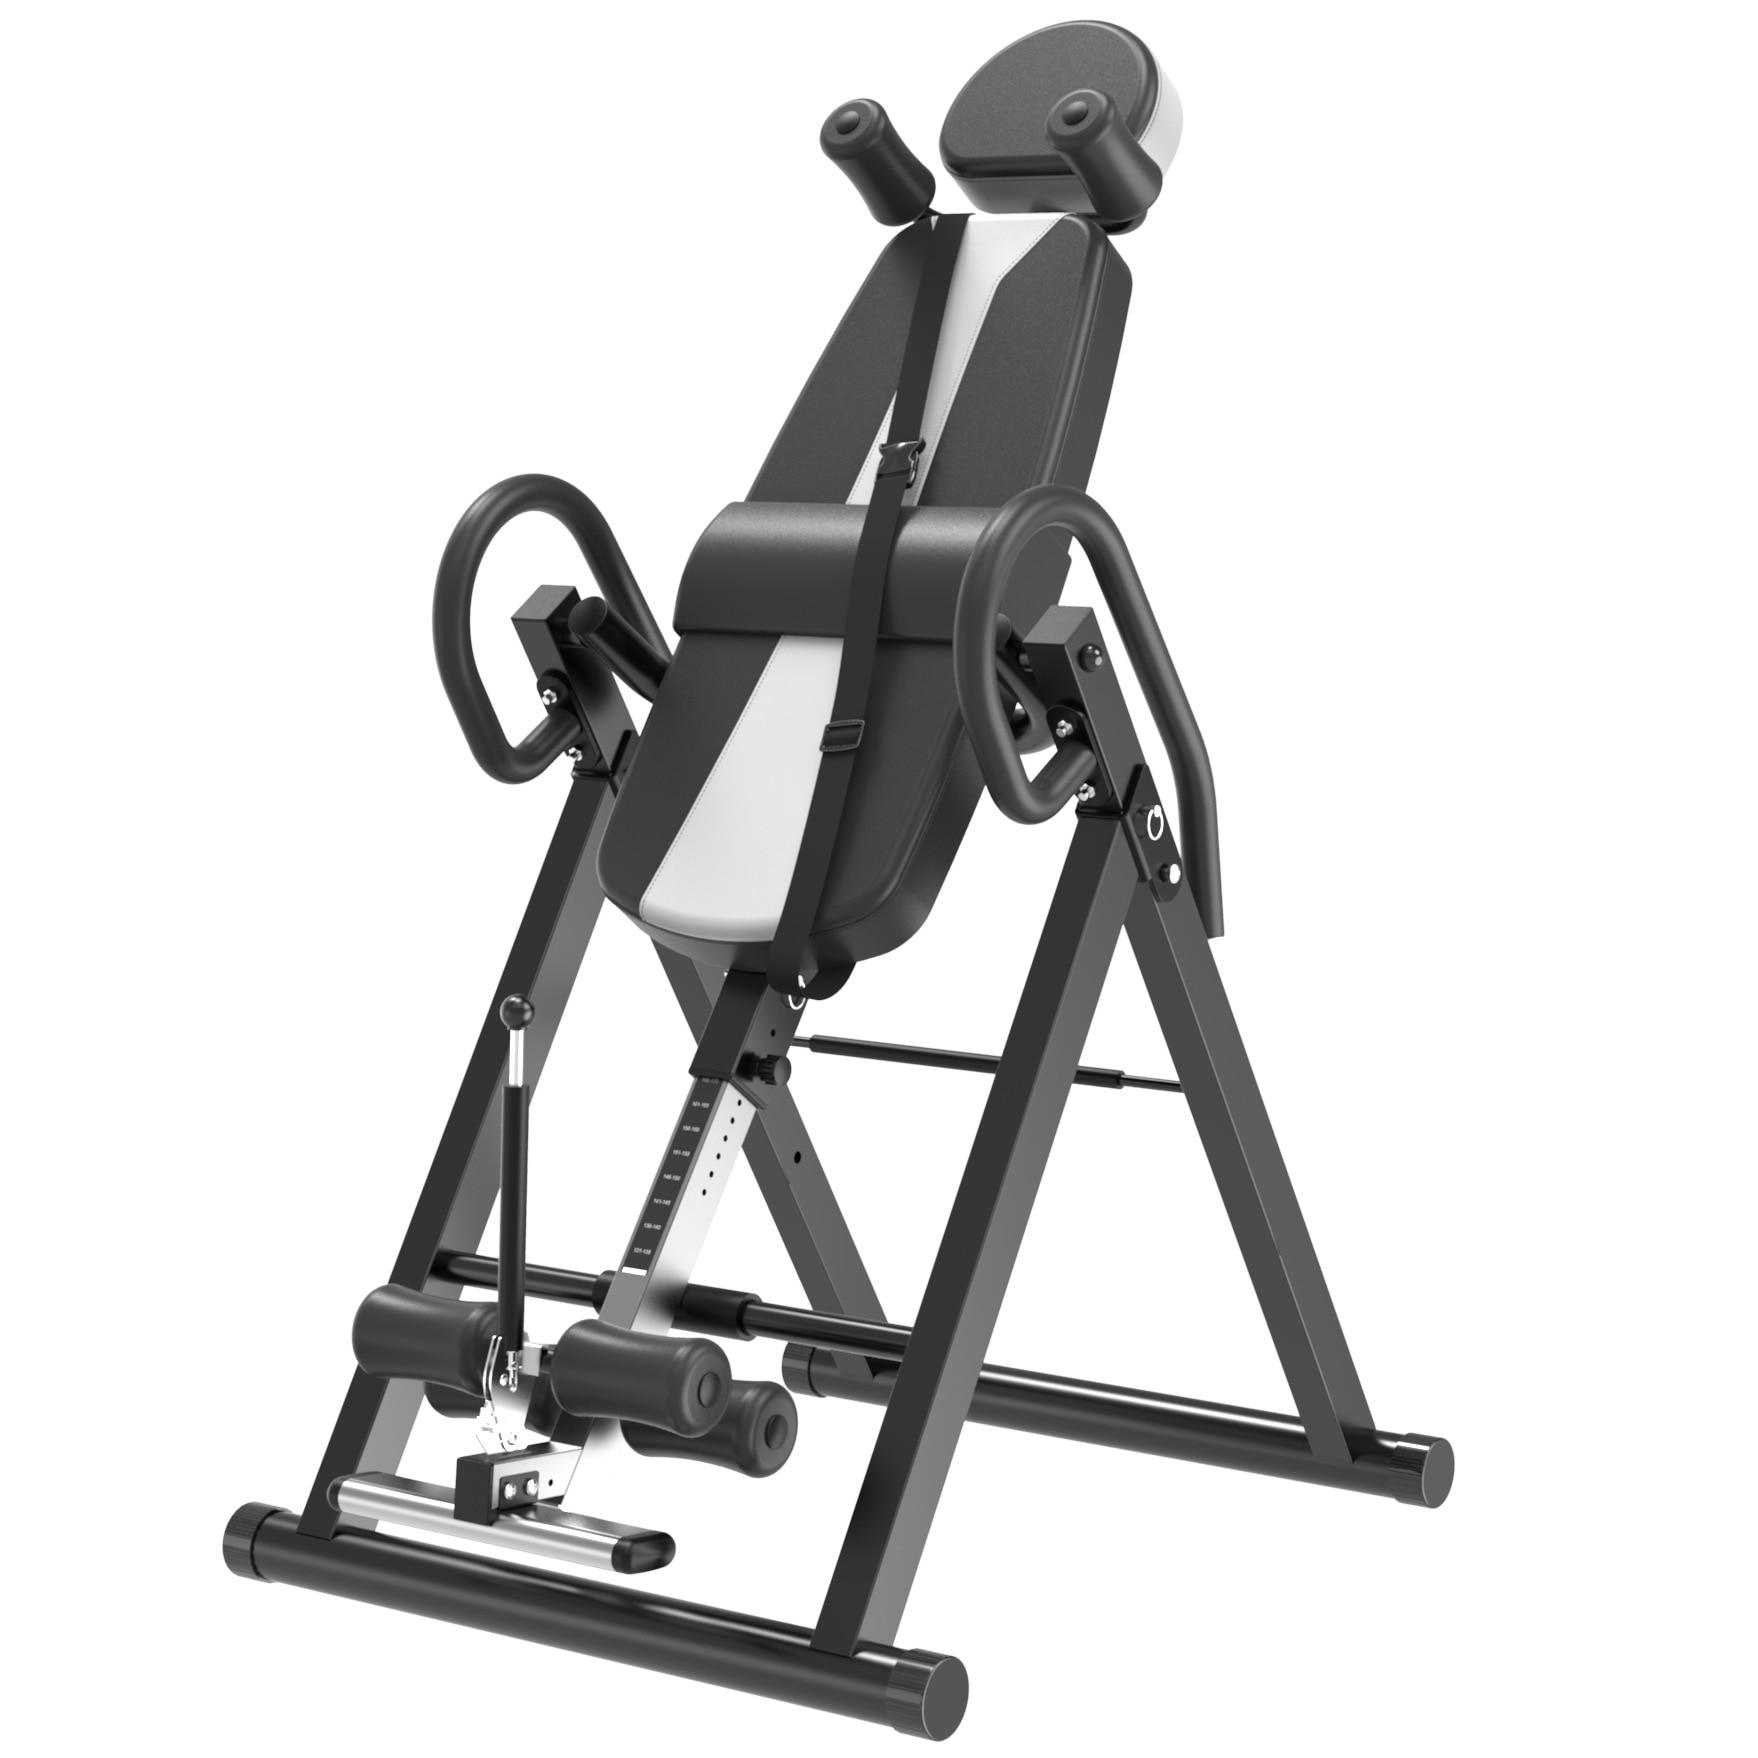 Haute Qualité Plus Sûr Intégré Équipement de Conditionnement Physique Table D'inversion Retour Civière Machine pour Soulager La Douleur Thérapie Hauteur Réglable